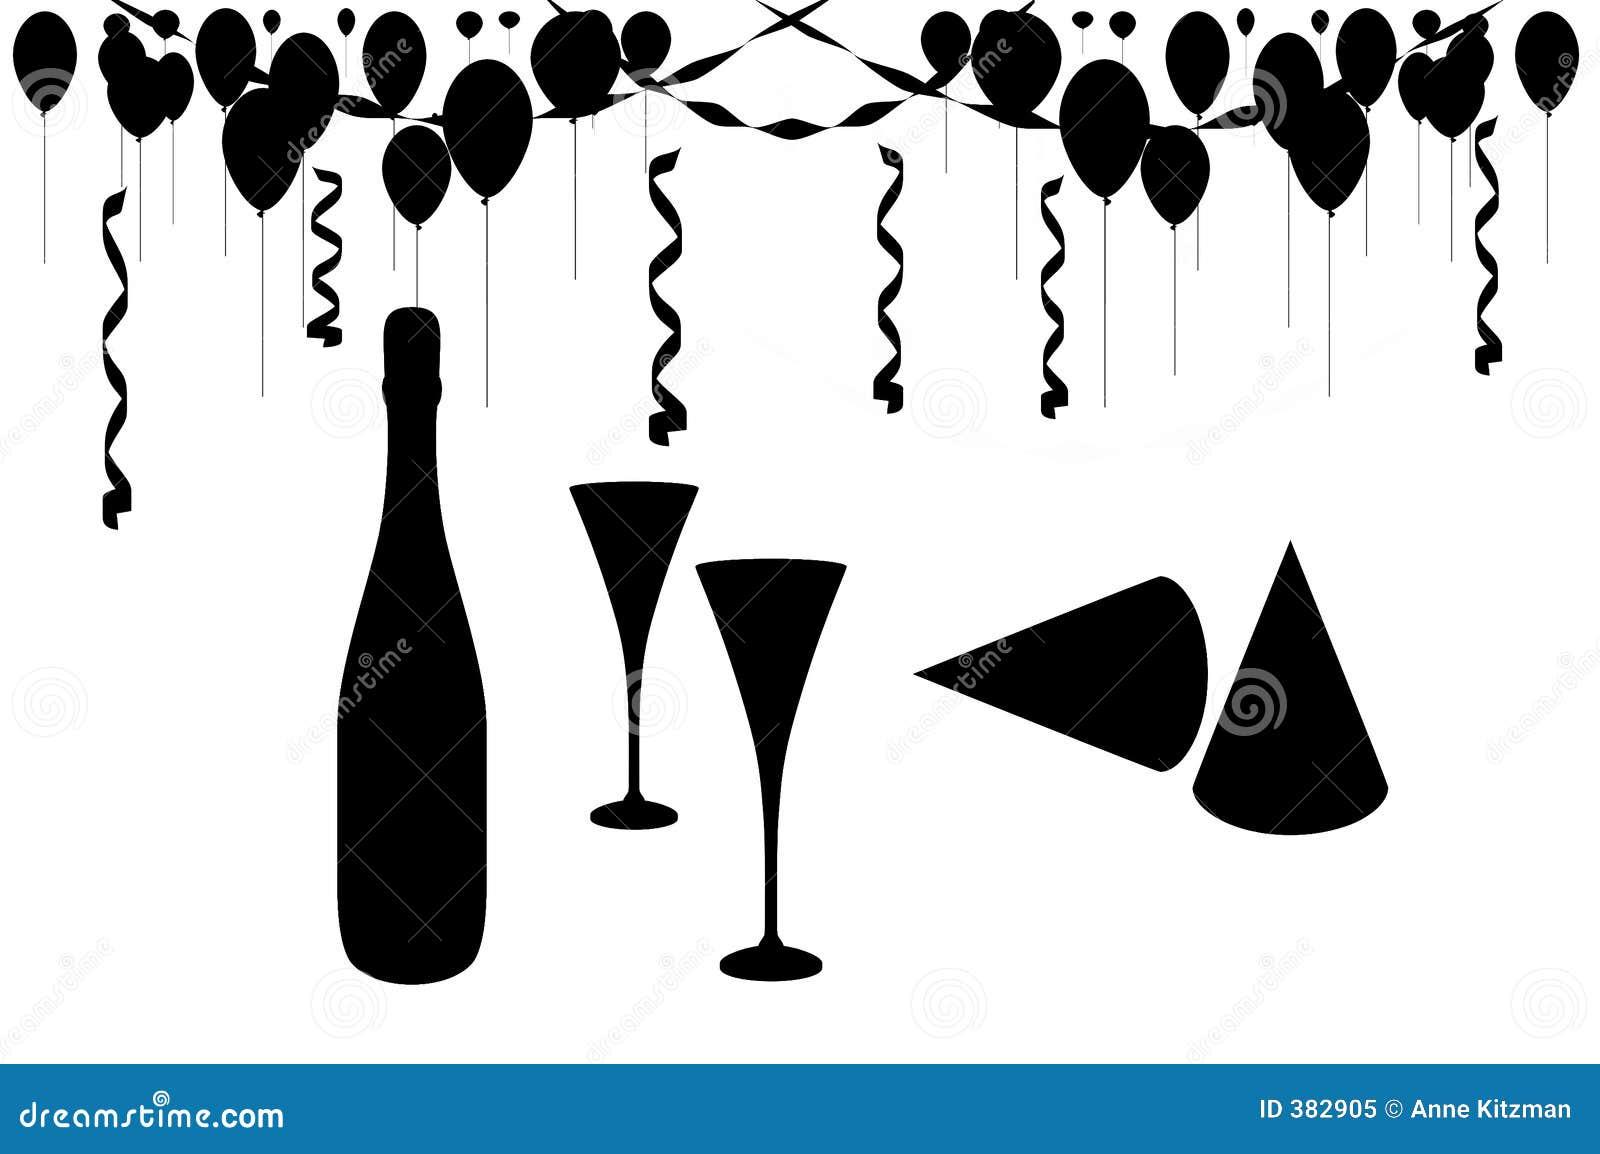 Arger Mit Den Nachbarn So Viel Party Ist An Silvester Erlaubt